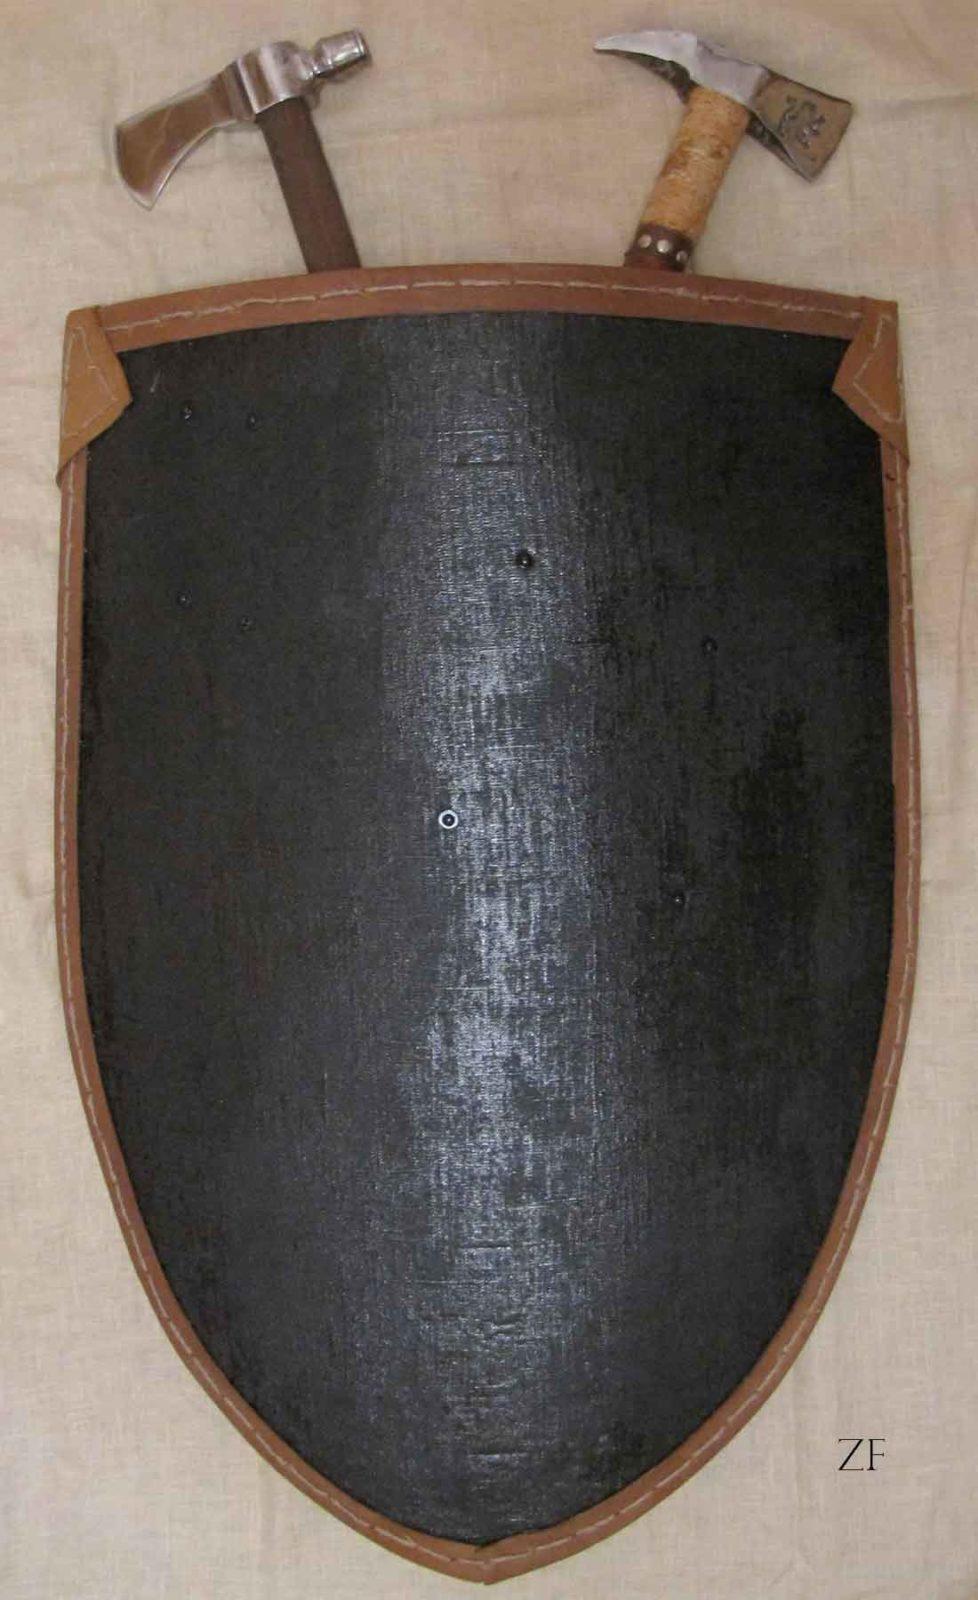 Элементы интерьера в средневековом стиле: щит и топоры